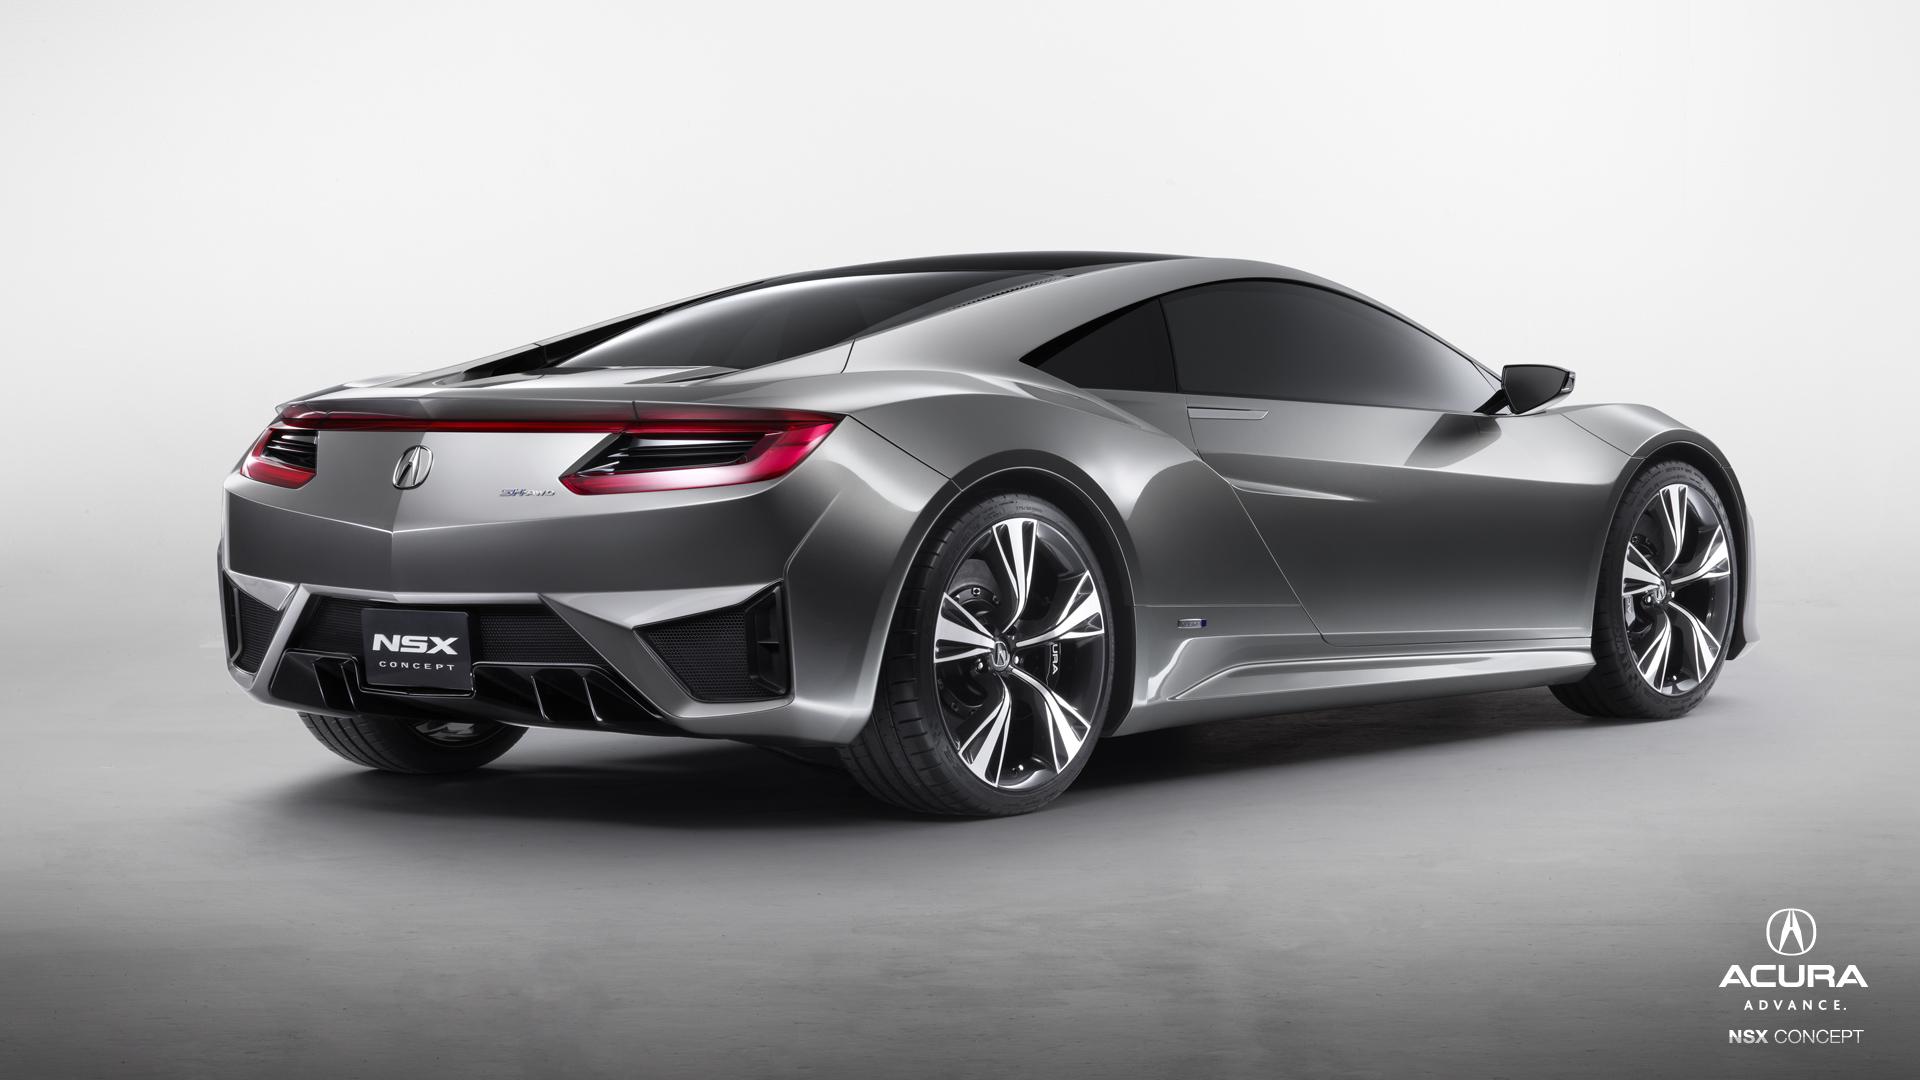 Honda NSX Concept 2014 V6 Sports Hybrid |